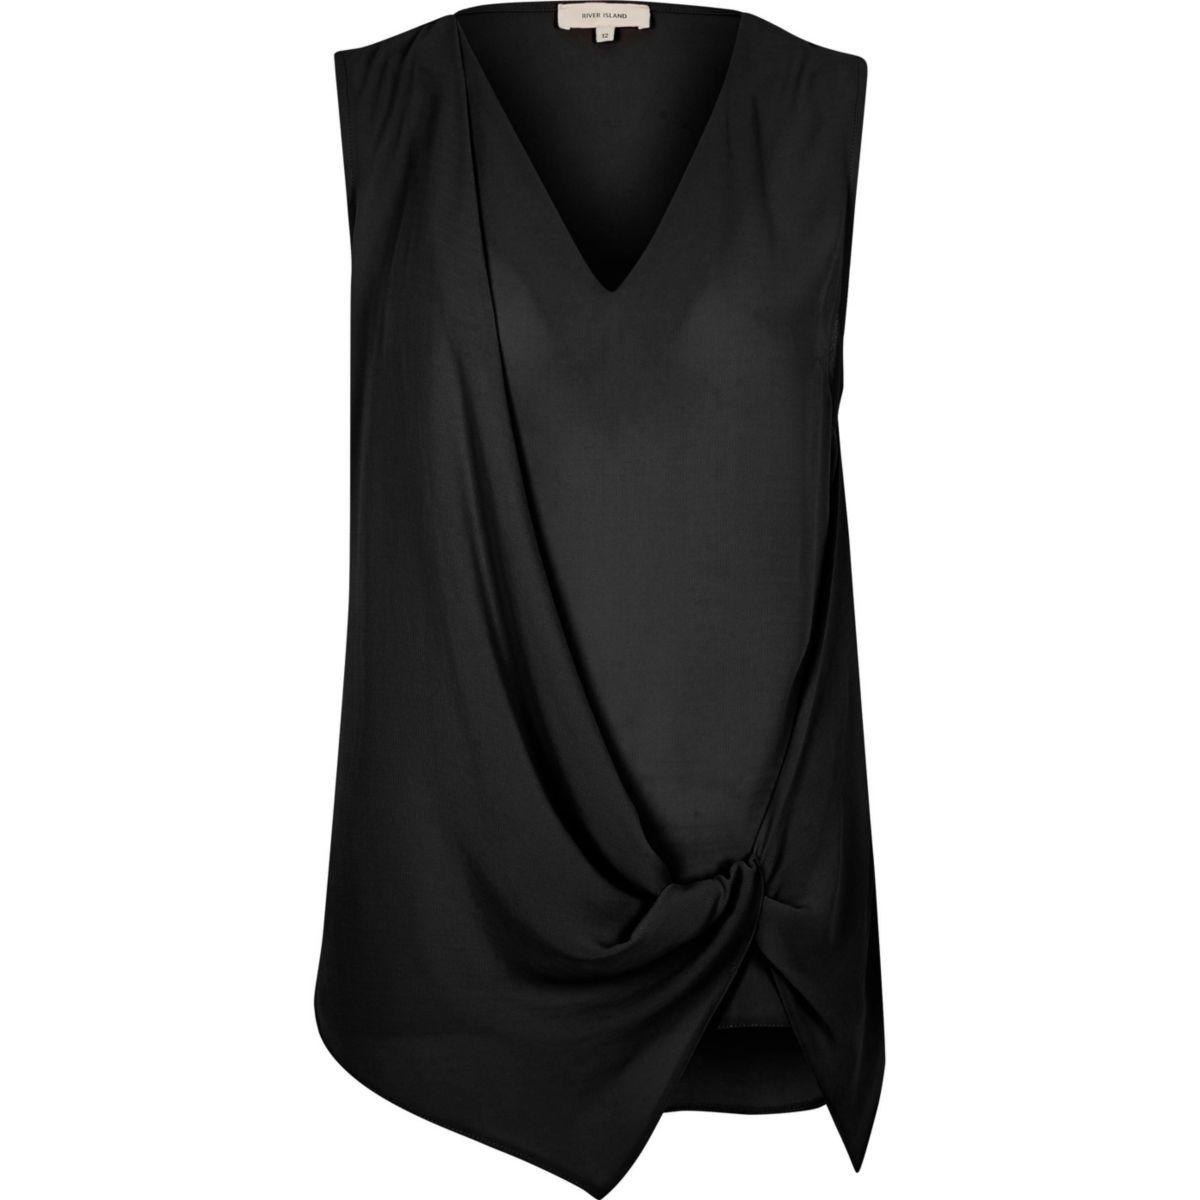 Zwarte mouwloze blouse met geknoopte voorkant